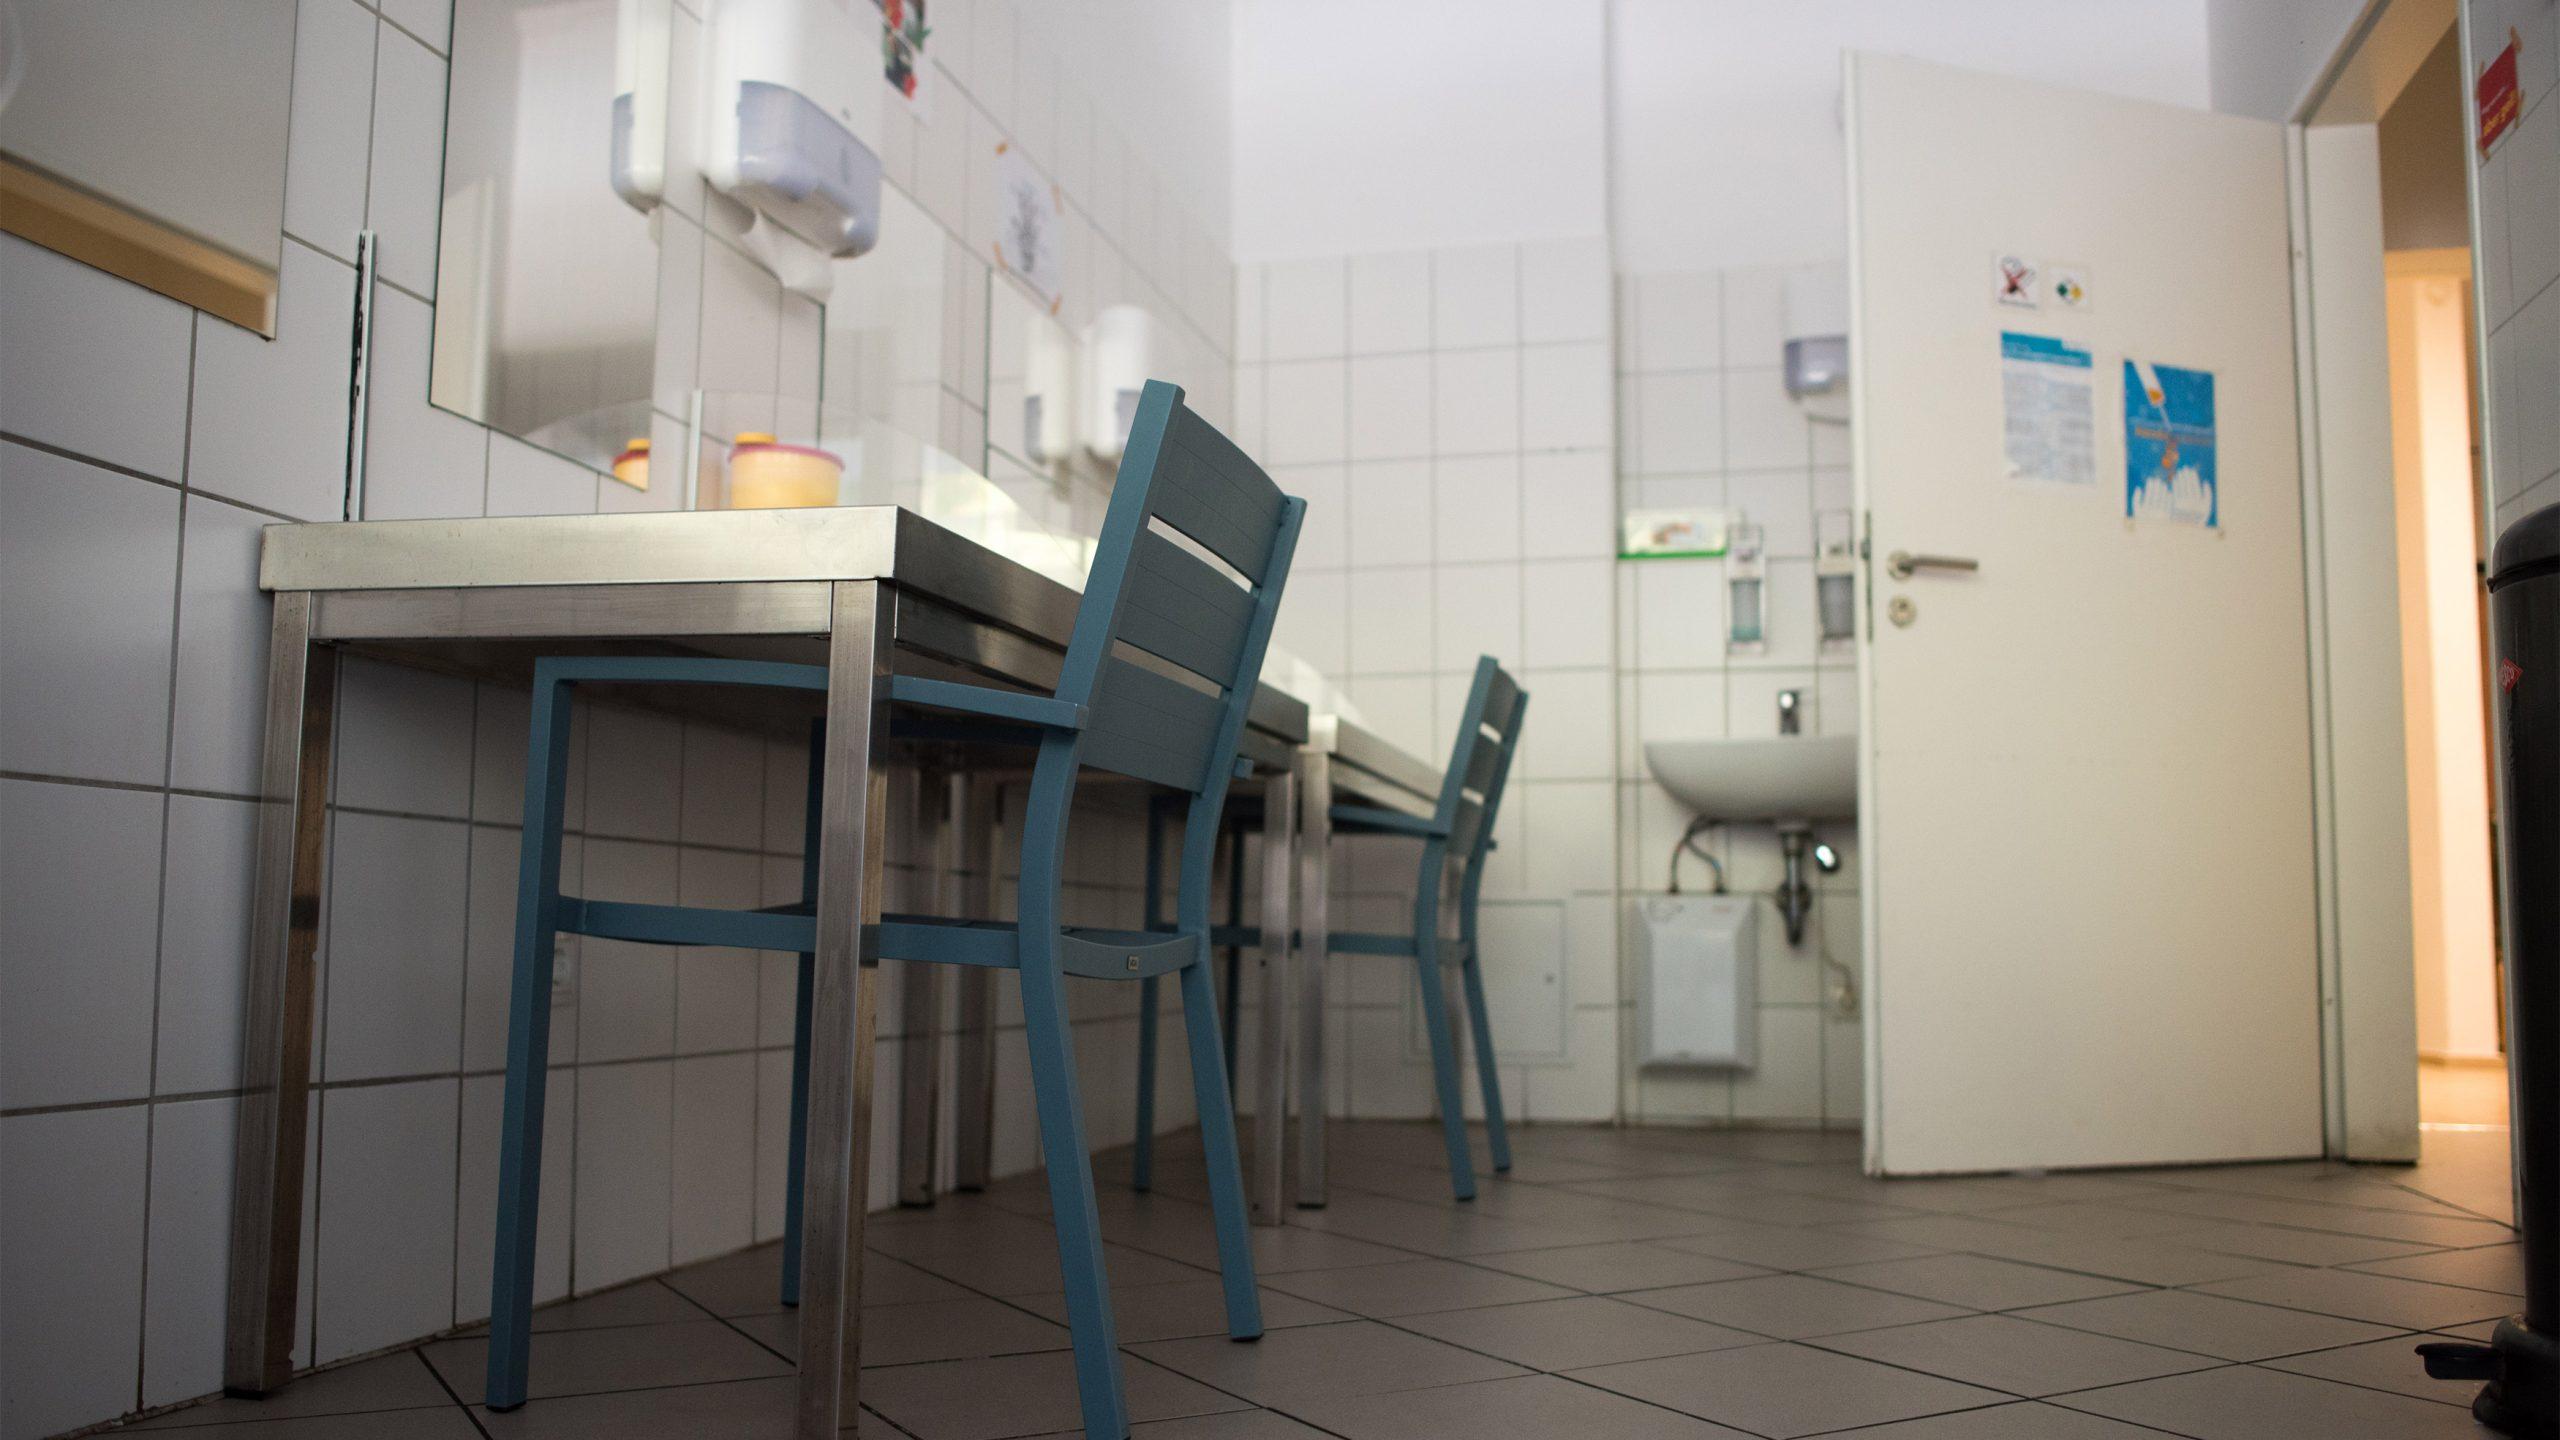 Druckausgleich – Kontaktstelle mit Drogenkonsumraum